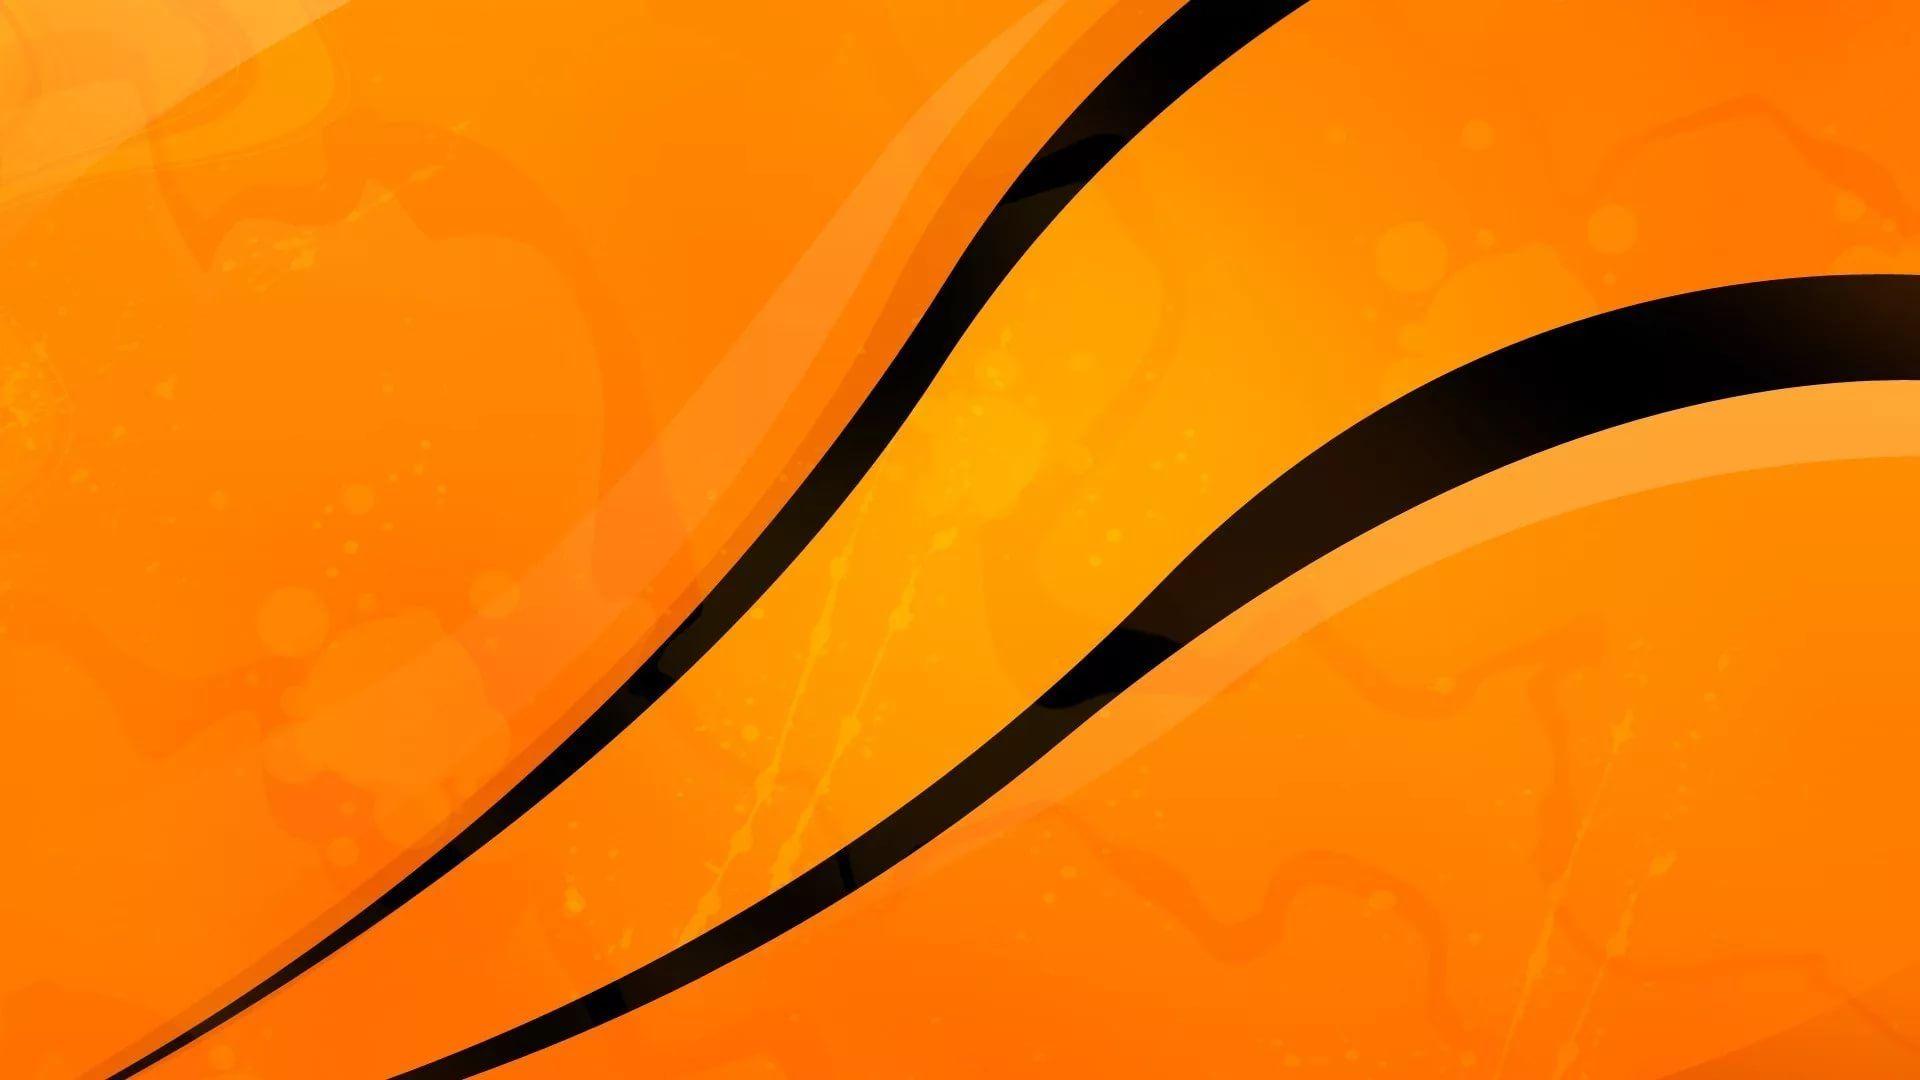 Black And Orange beautiful wallpaper